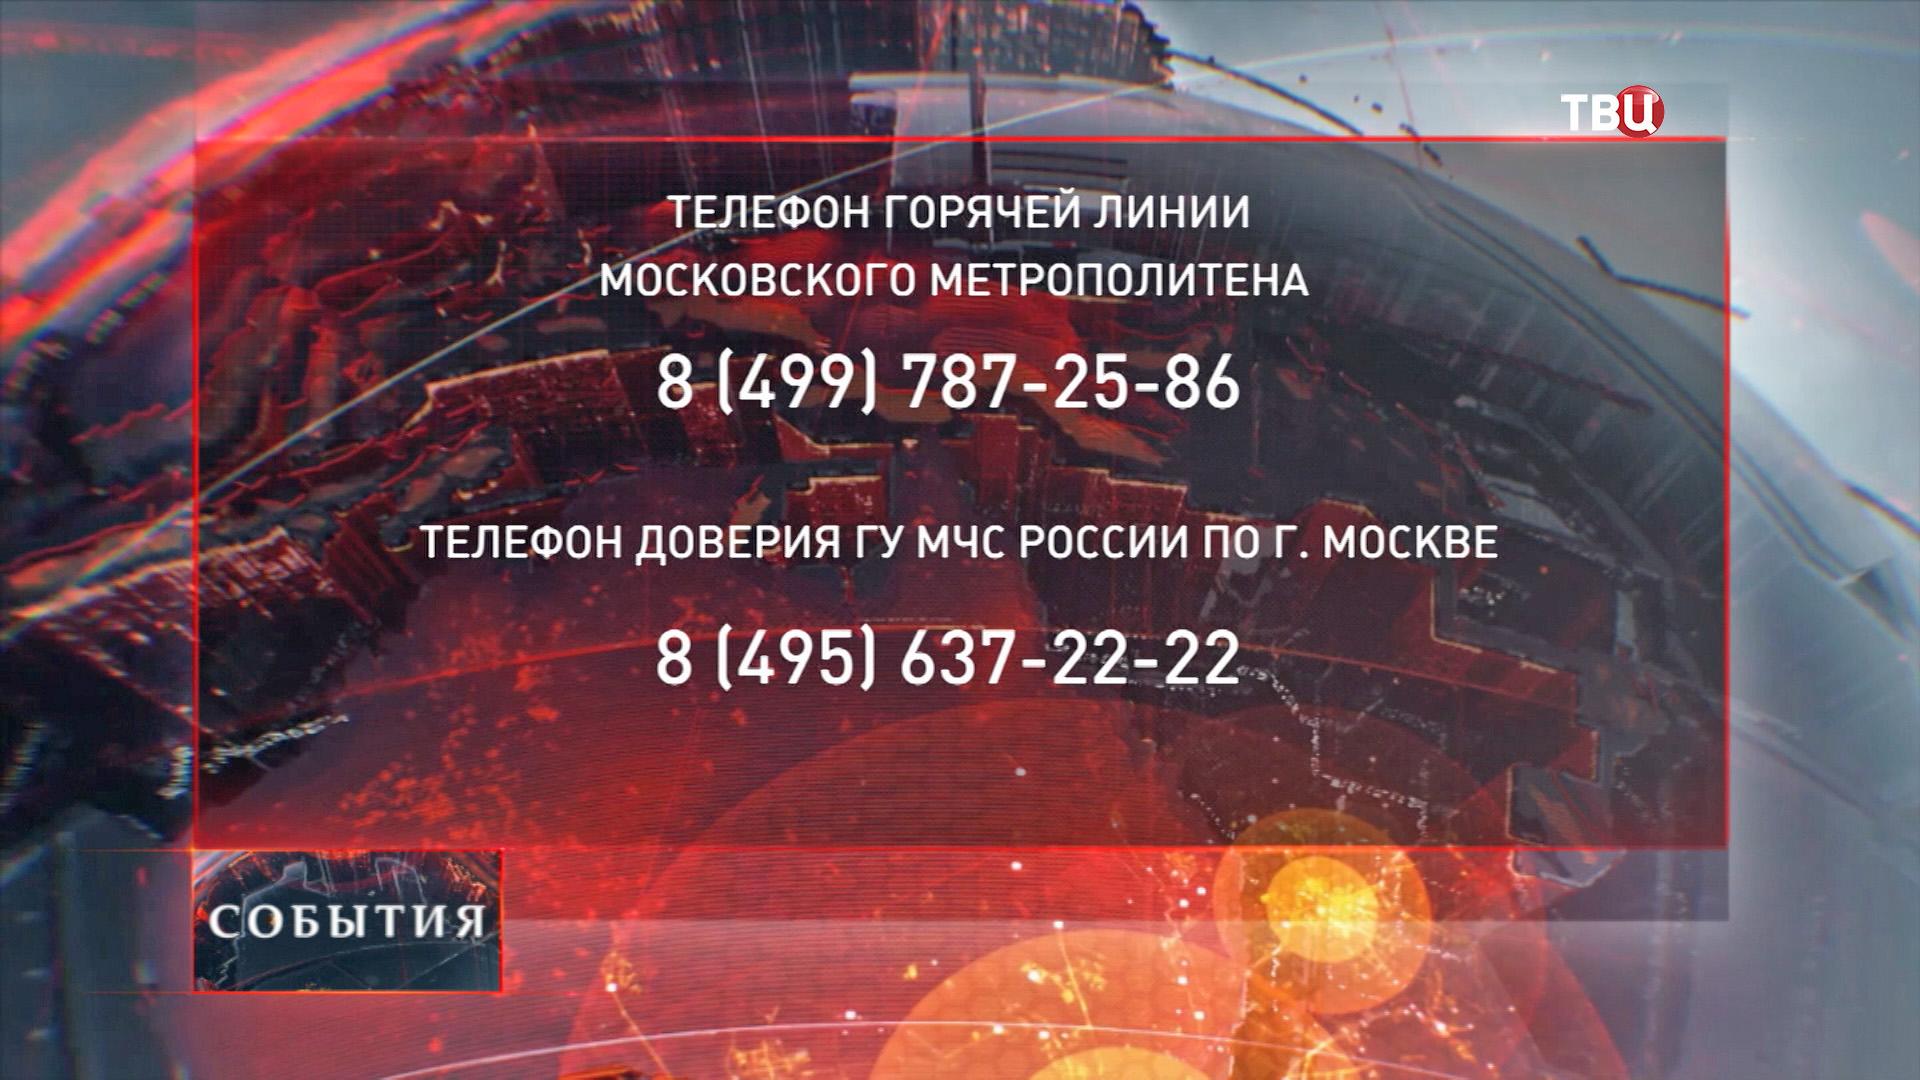 Номера телефонов горячей линии